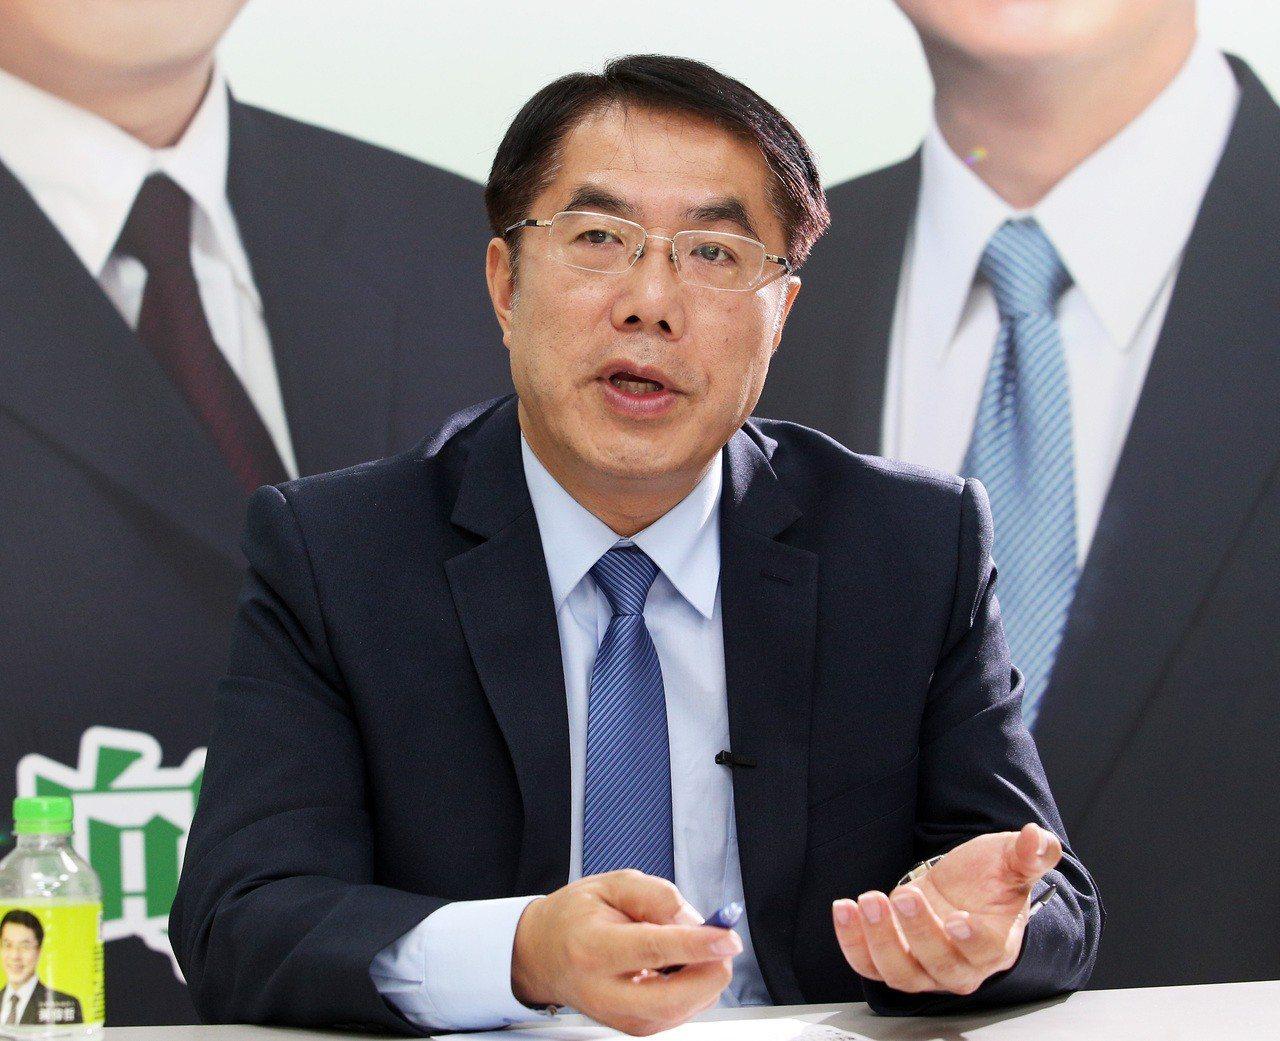 民進黨台南市長參選人黃偉哲認為他可以帶領台南邁向新紀元。記者劉學聖/攝影